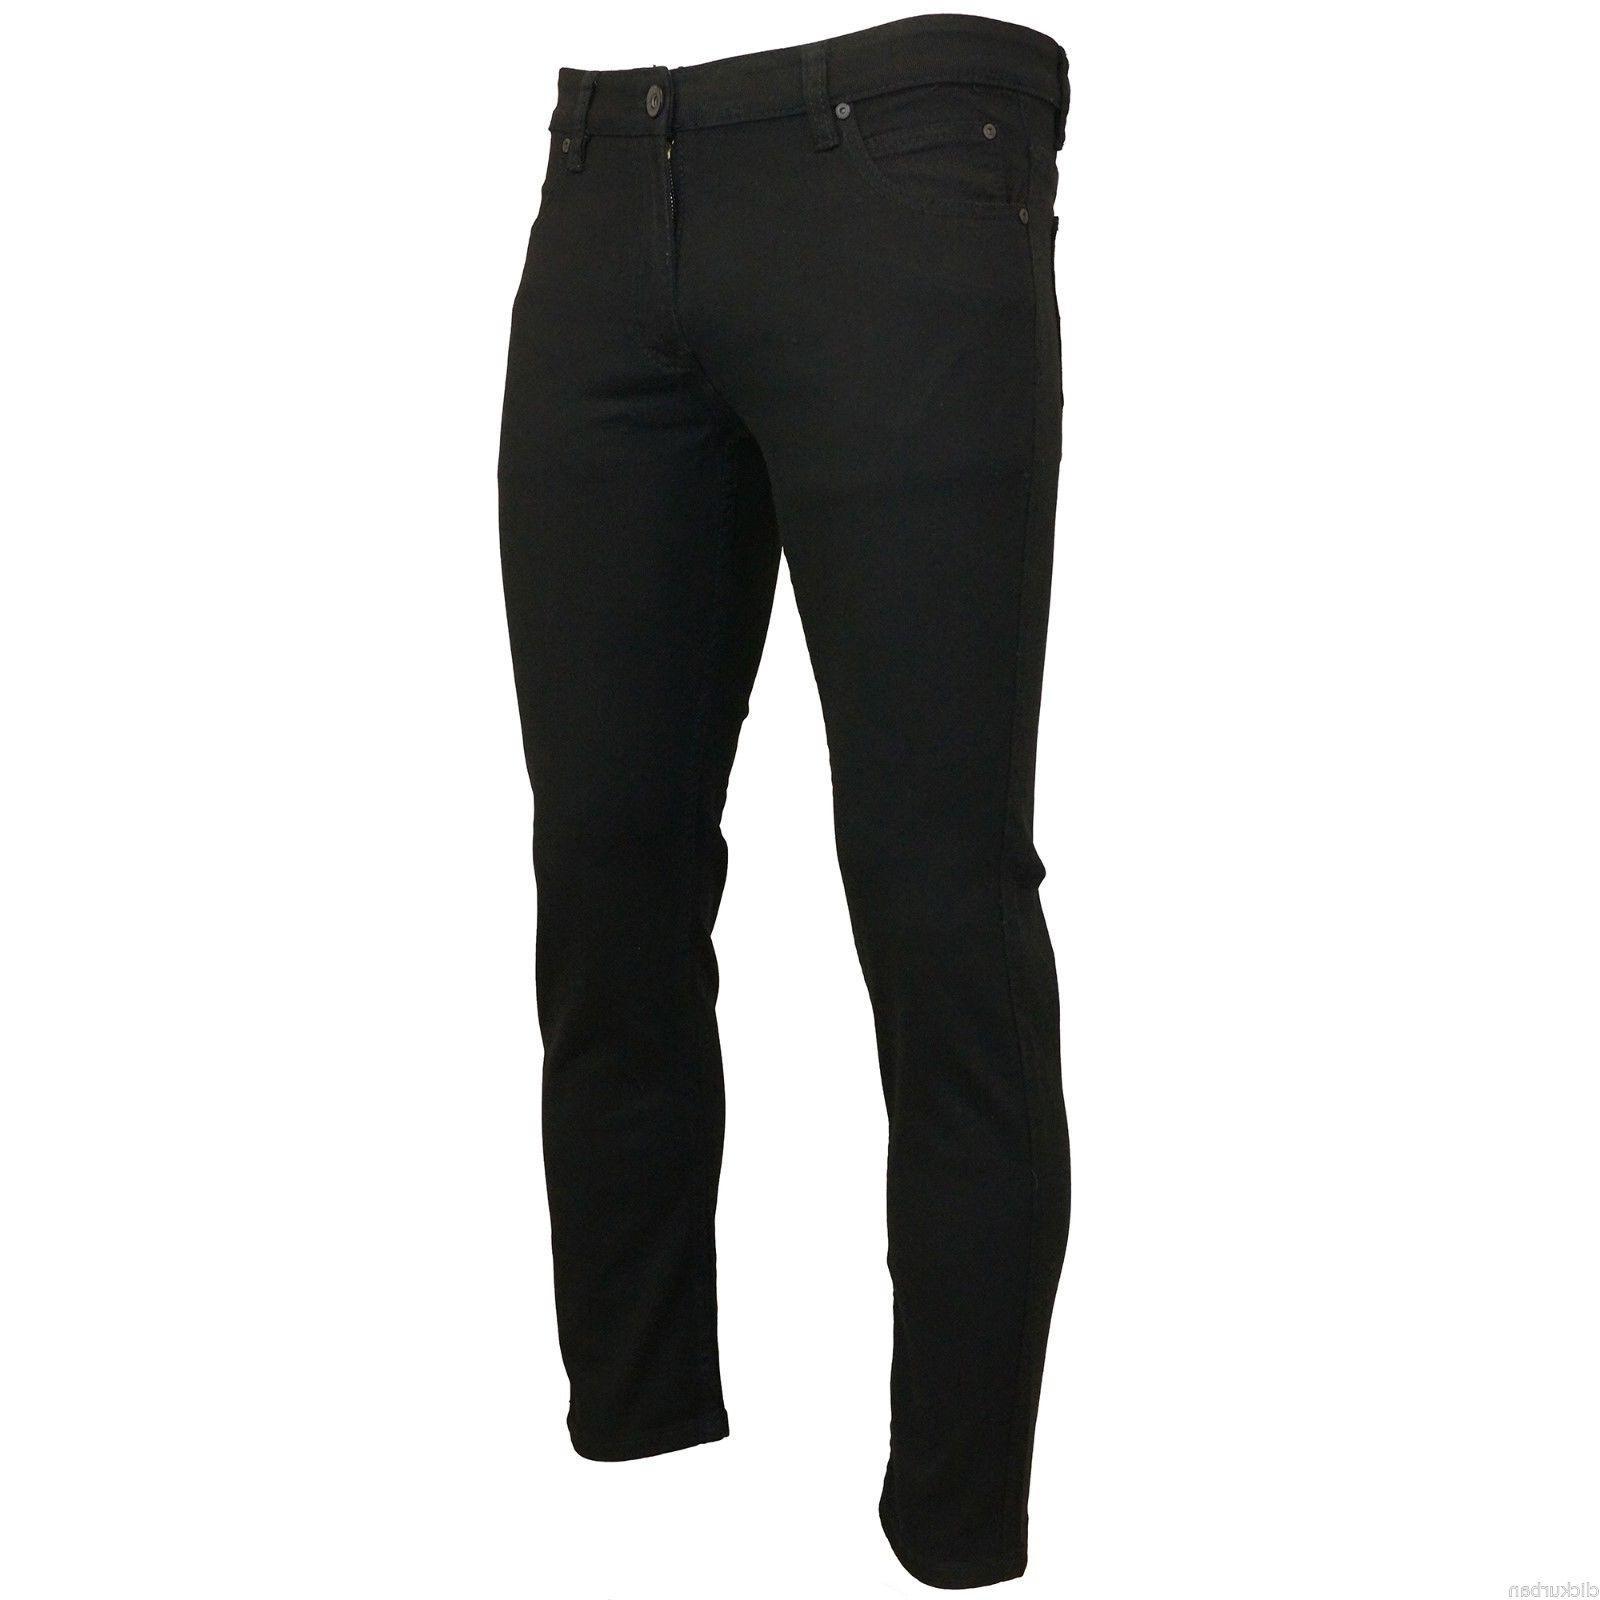 KAYDEN.K JET Skinny Stretch Denim Jeans Pants Size 28-42